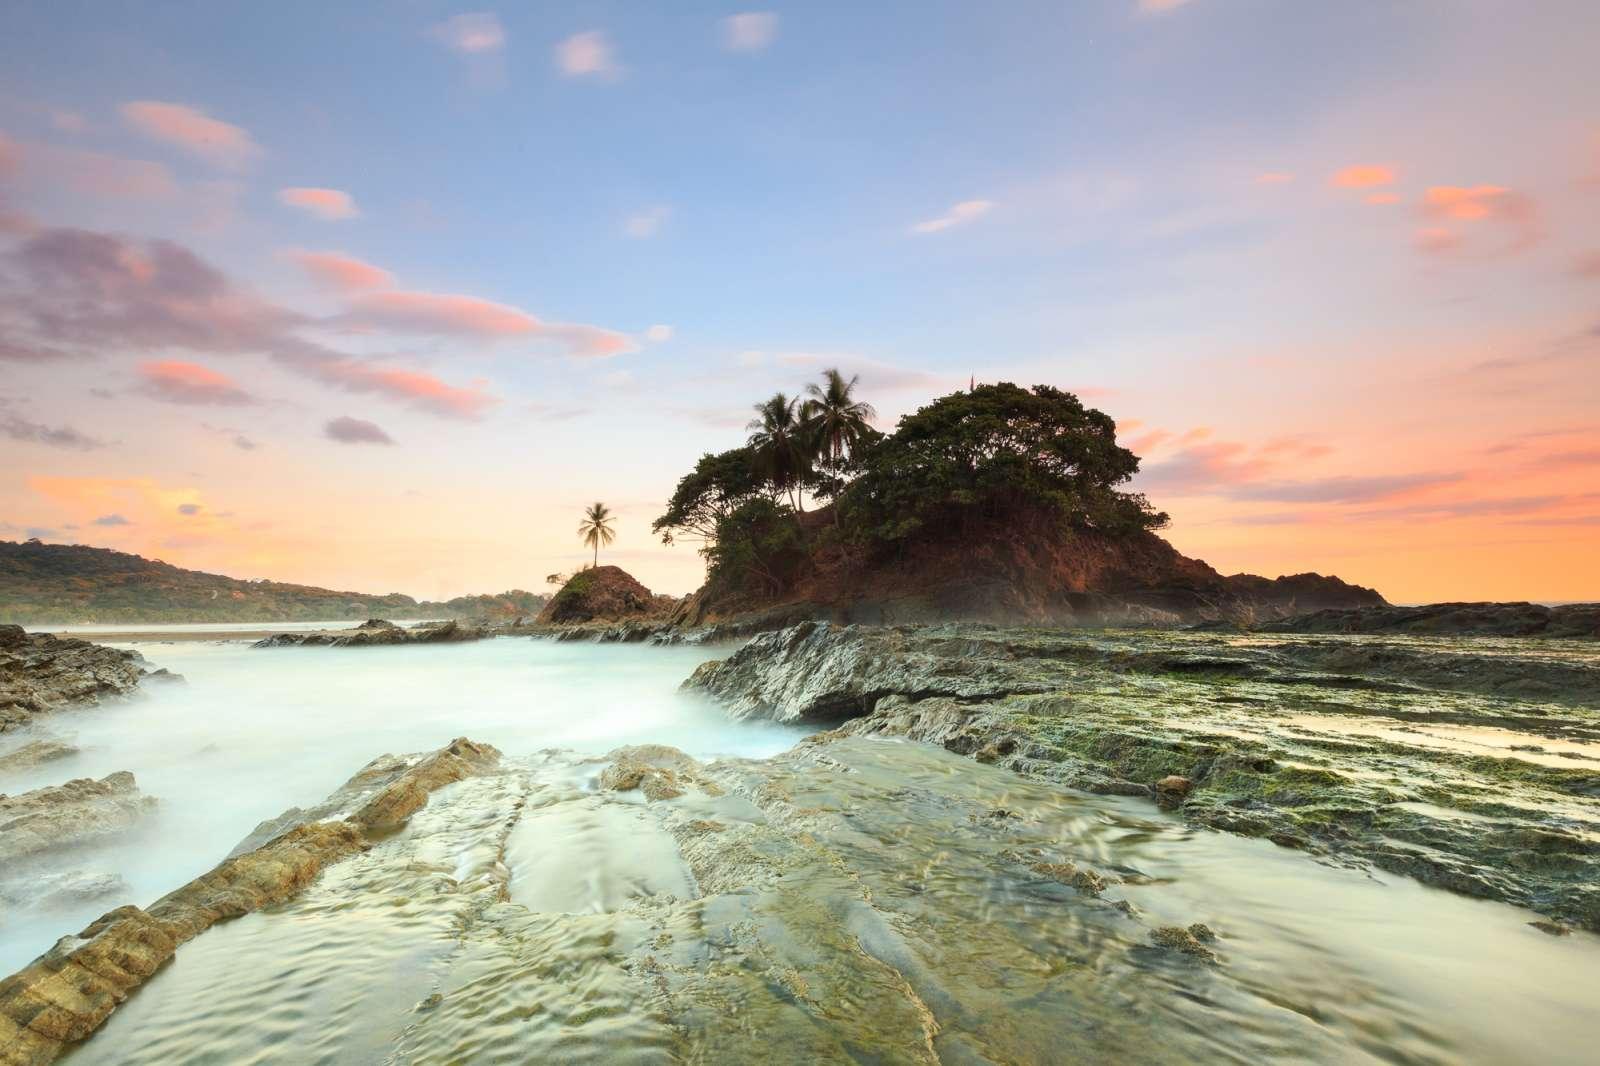 Una semana fotografiando Costa Rica 26